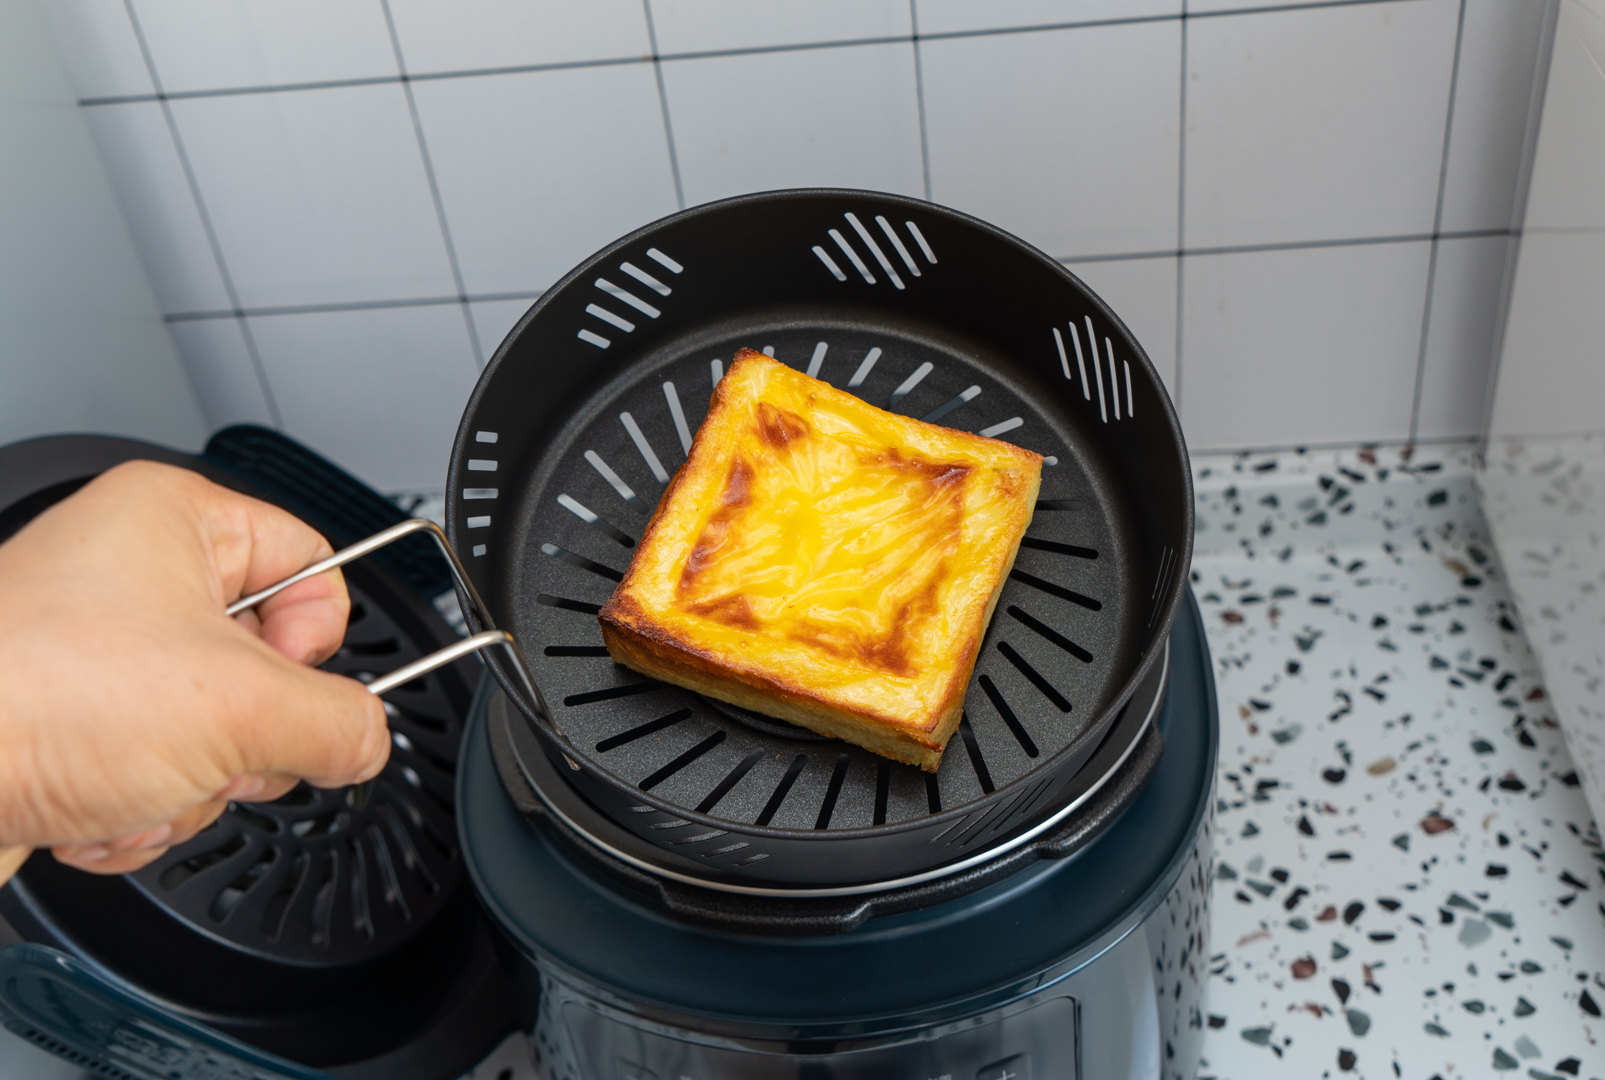 相见恨晚的神锅,5L,能空气炸烤的苏泊尔电压力锅